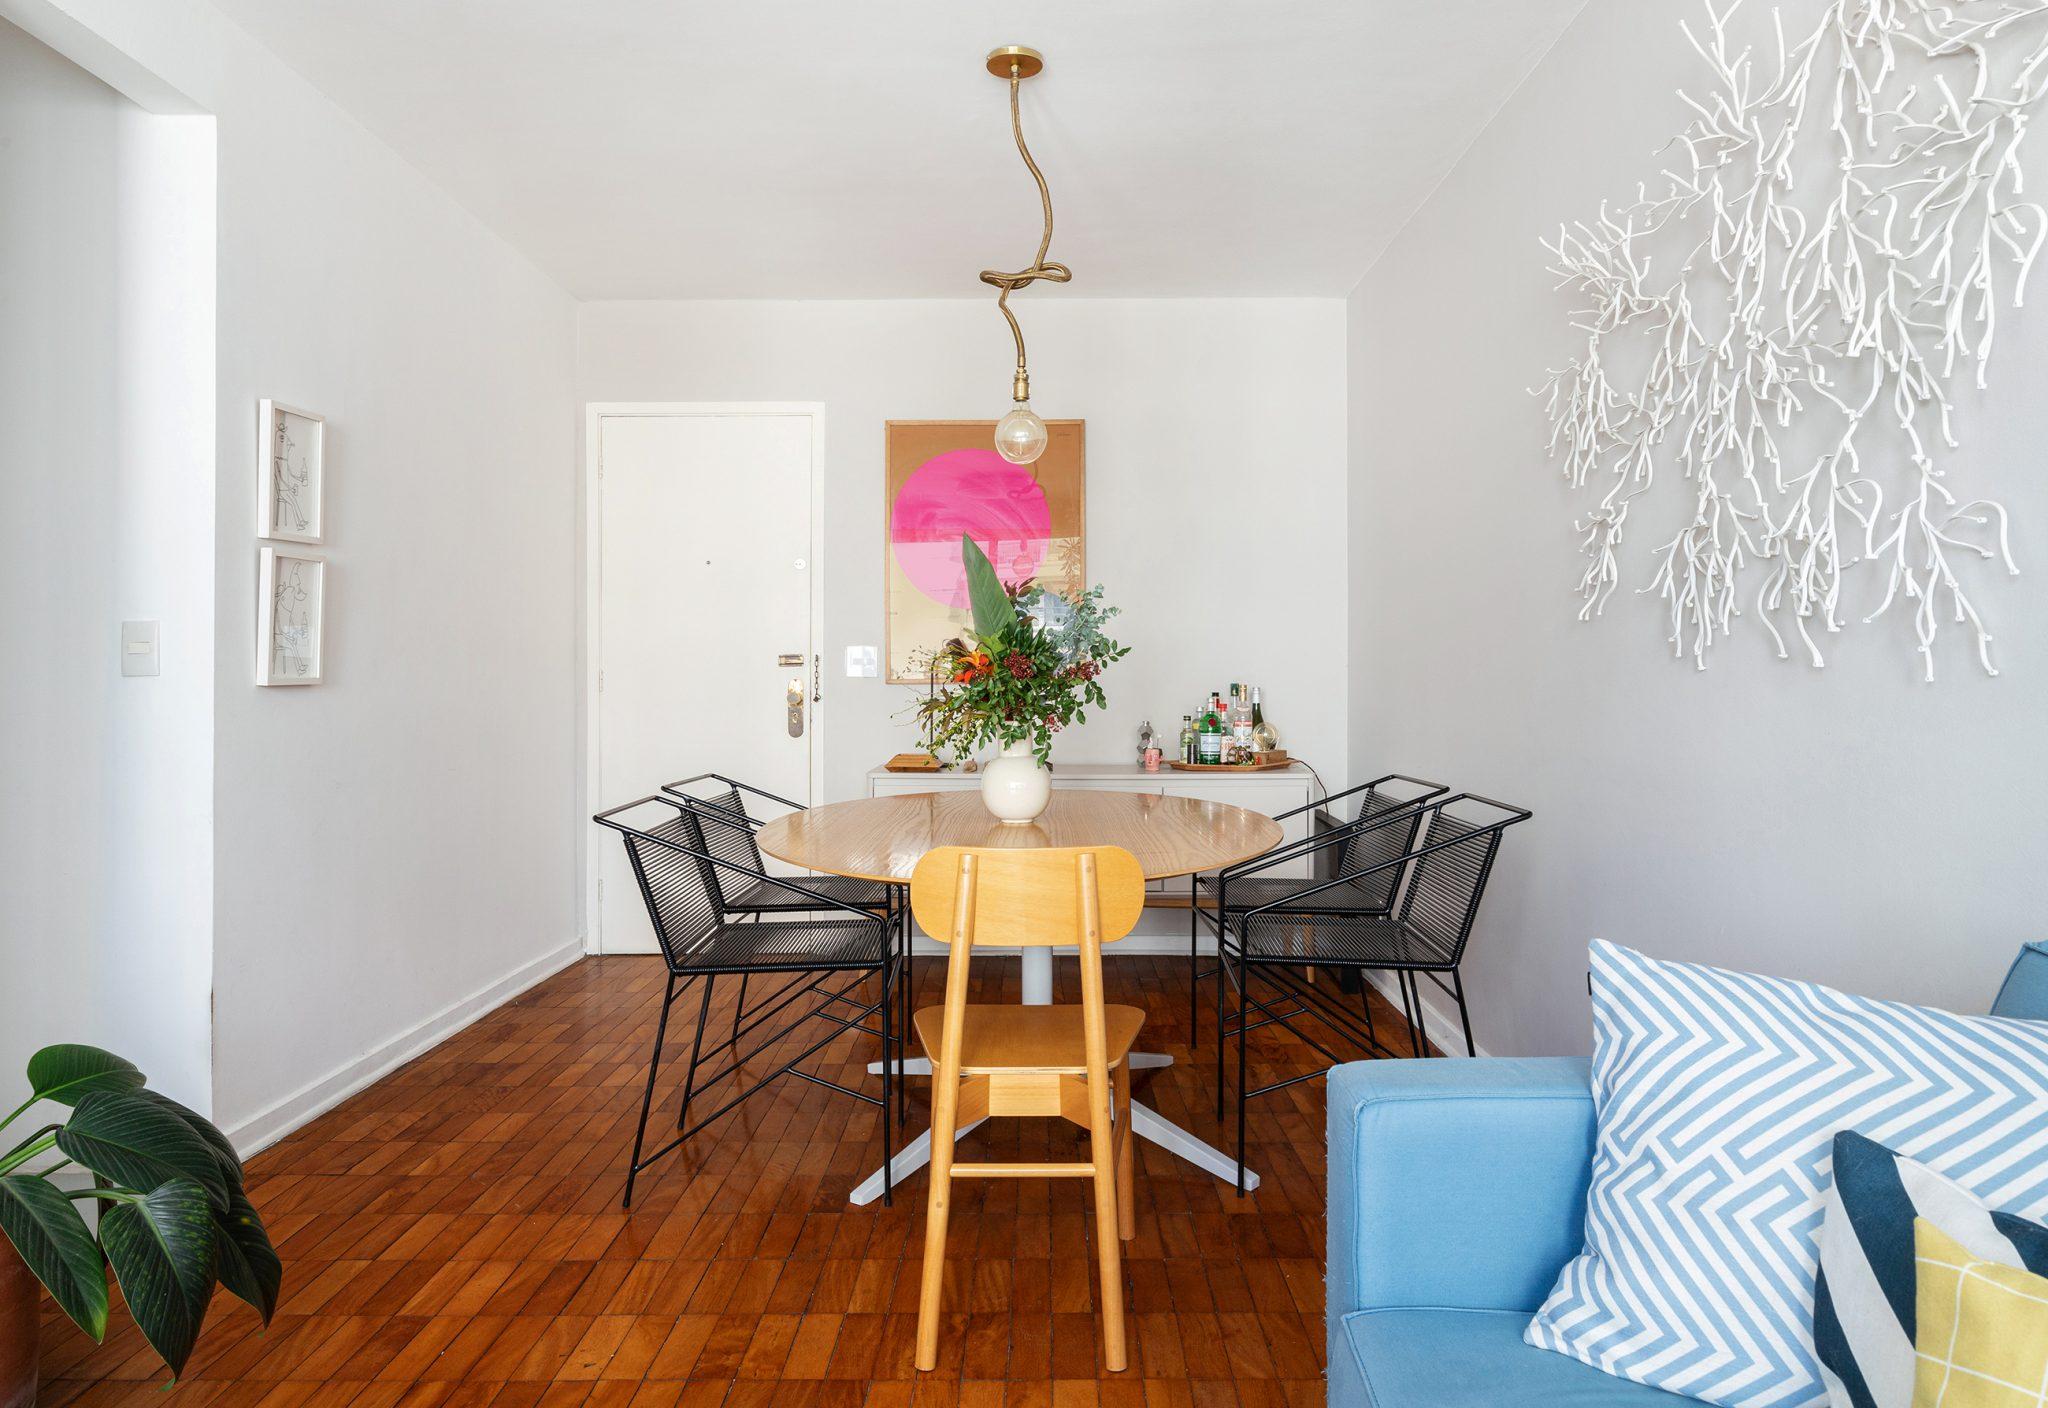 Apartamento alugado e colorido